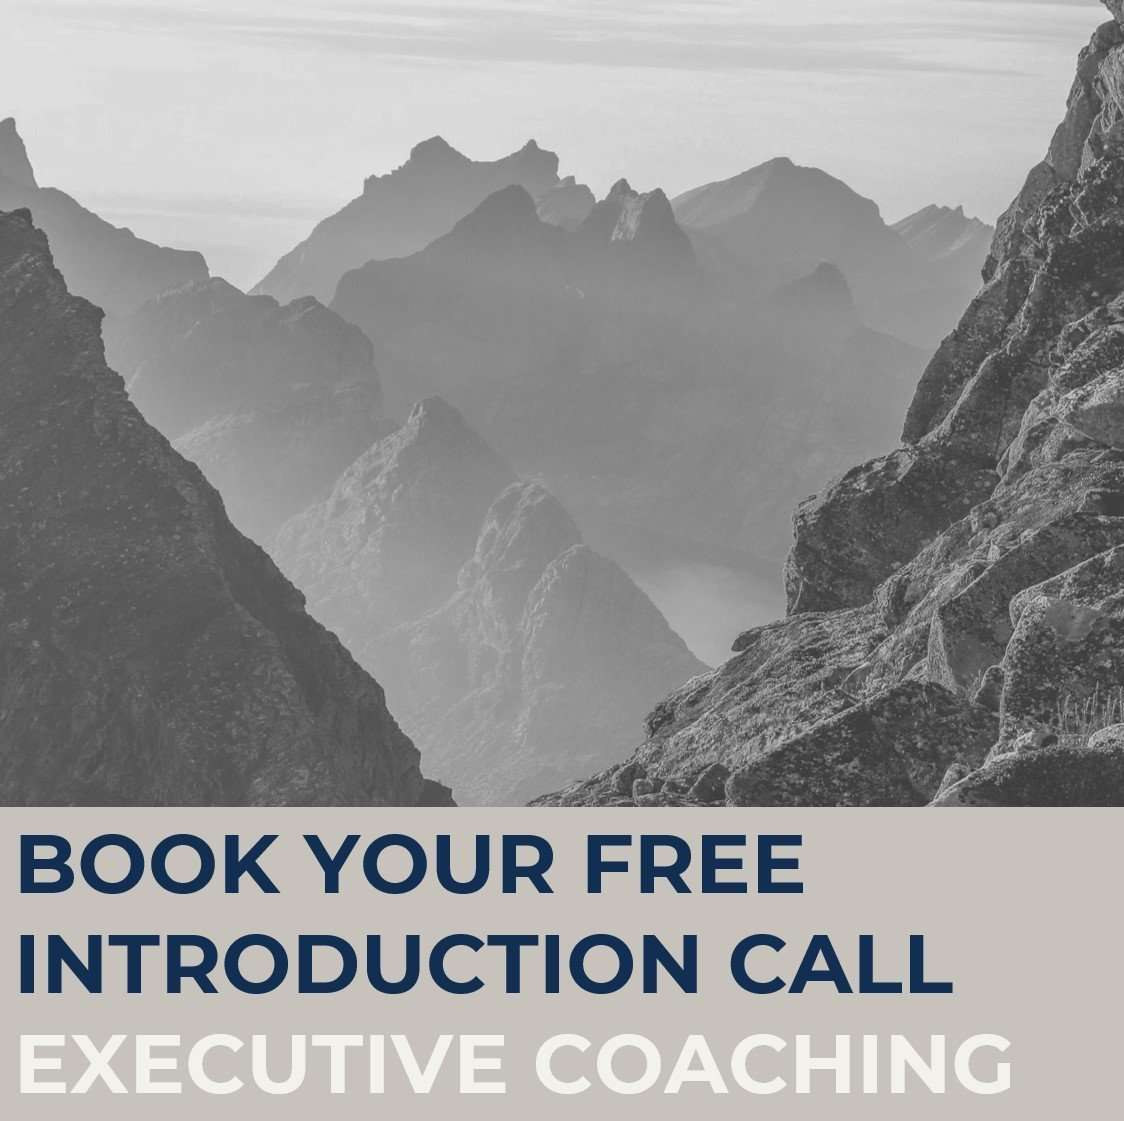 Free introduction call STRATZR.com